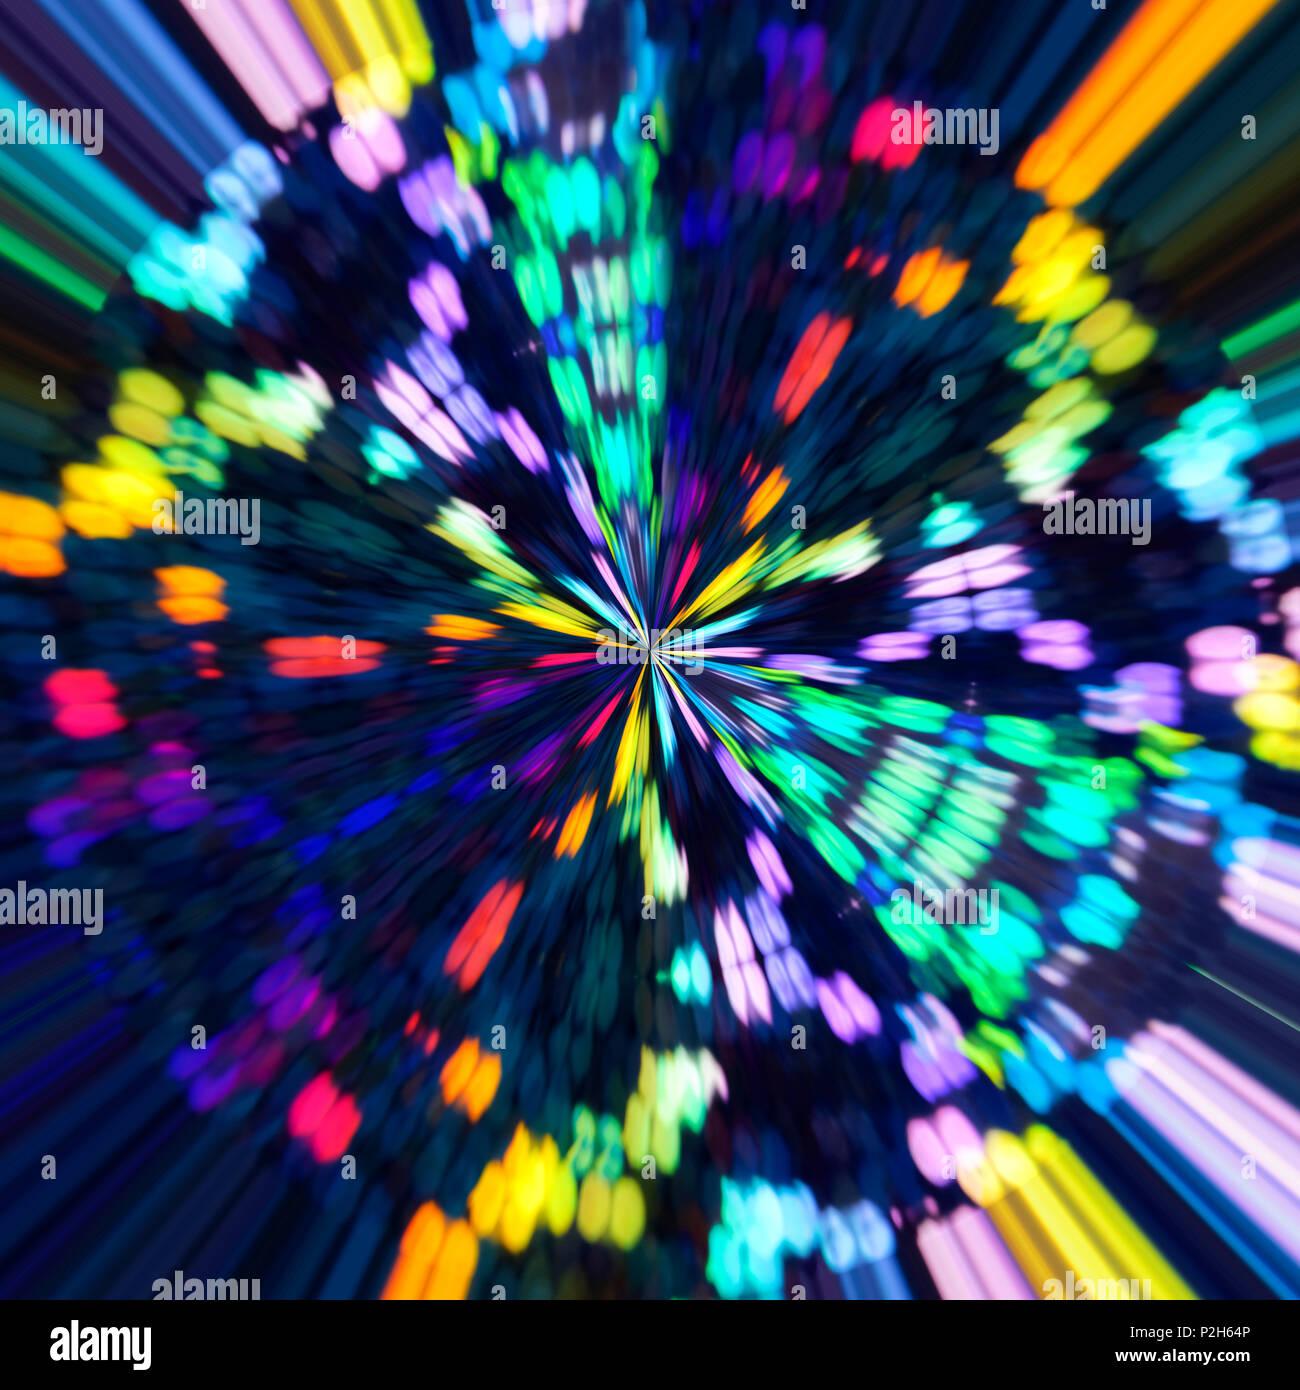 Abstract Spettro Olografico Opere Darte Uno Sfondo Colorato In